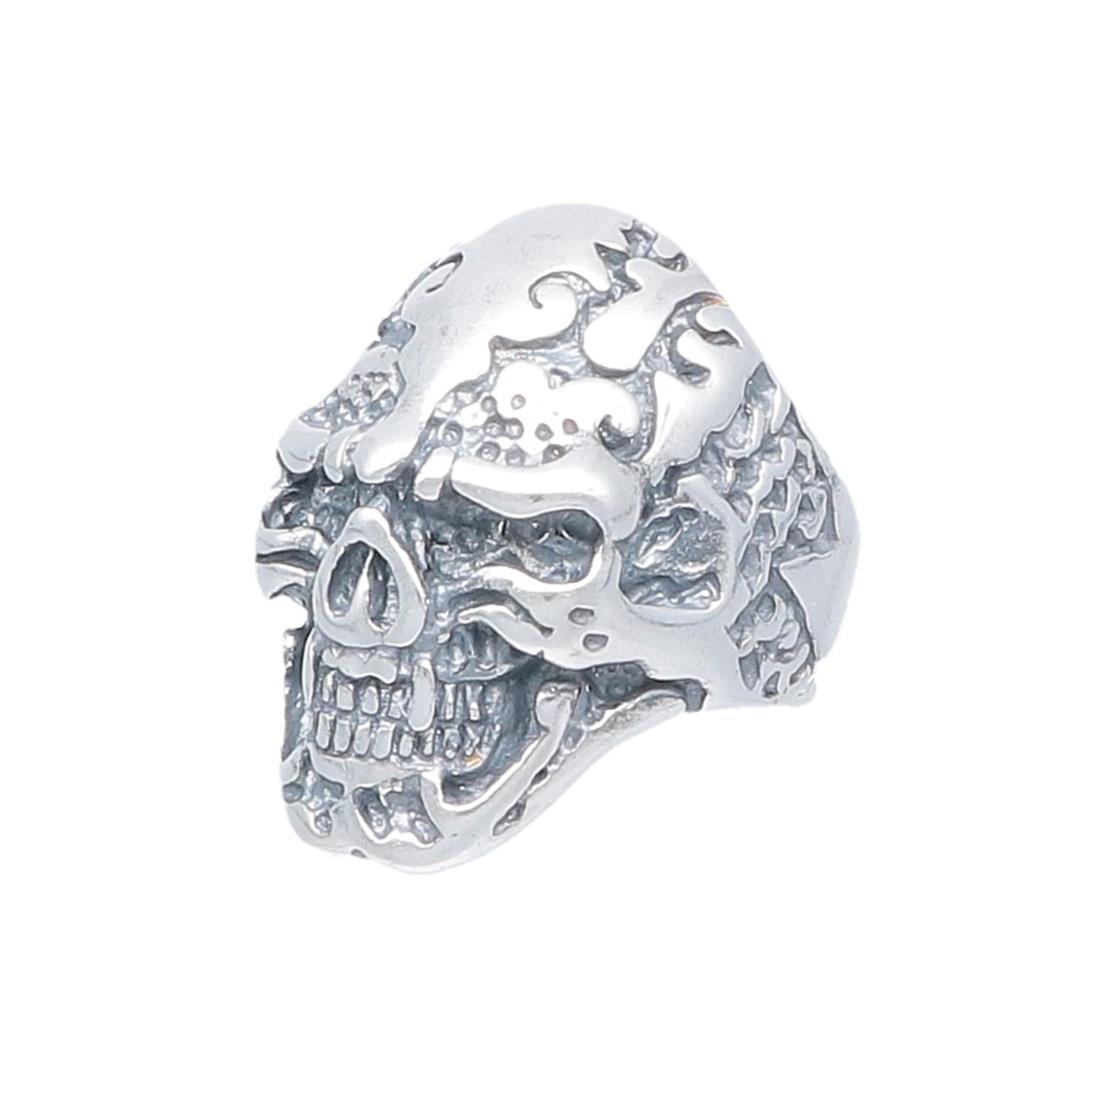 Anello da uomo in argento 925 - ORO&CO 925